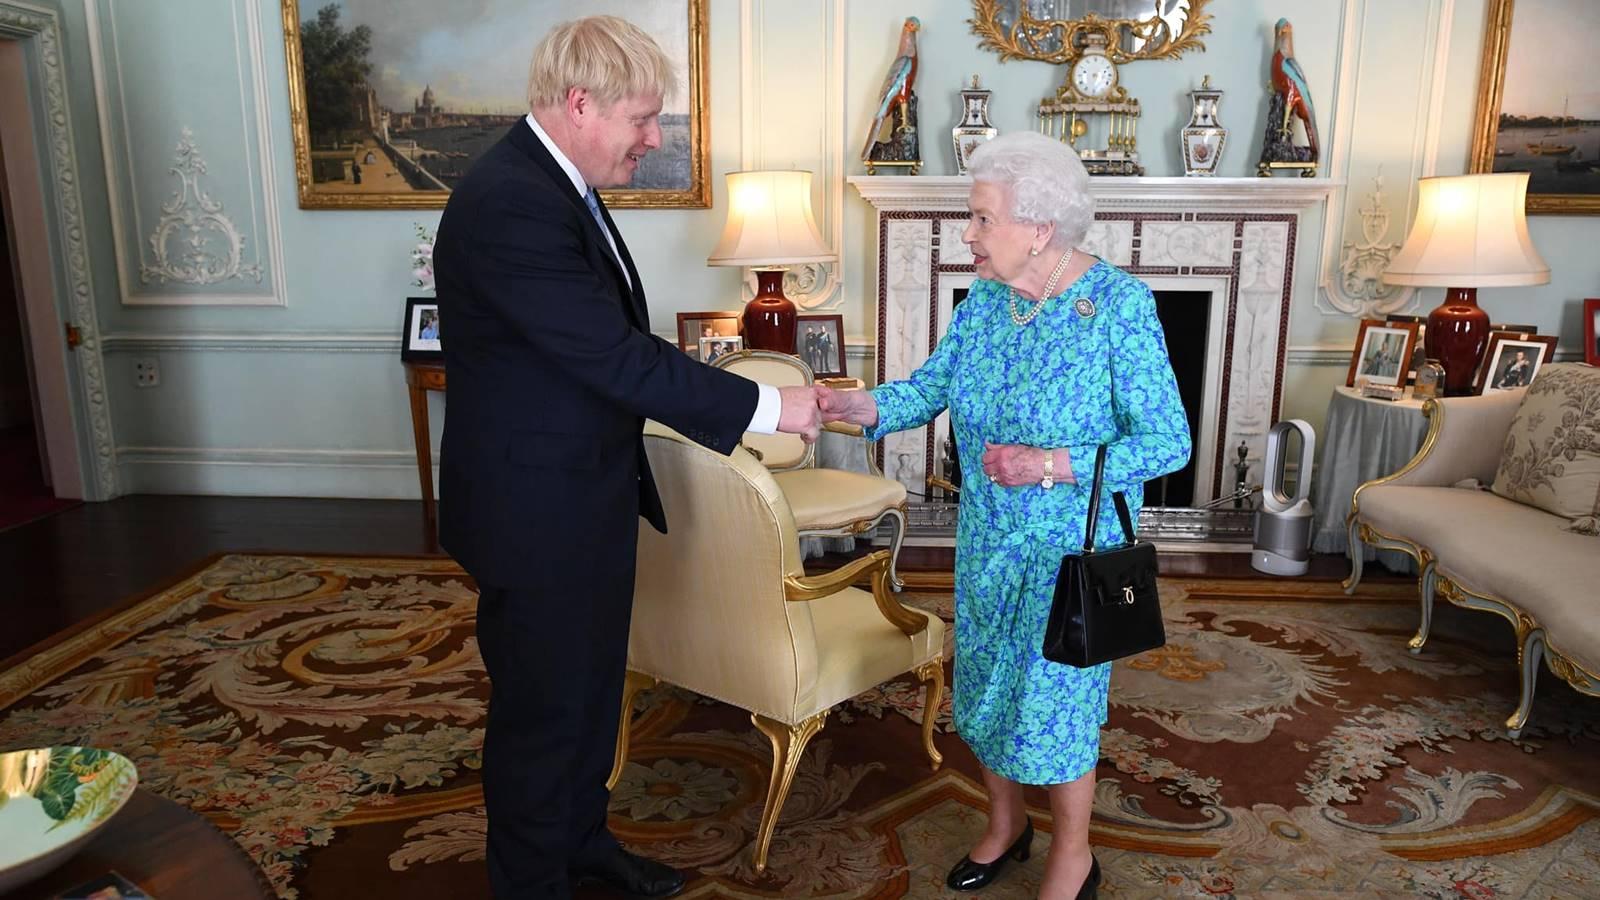 Reina Isabel concreta relevo de gobierno británico: se va May, llega Boris Johnson